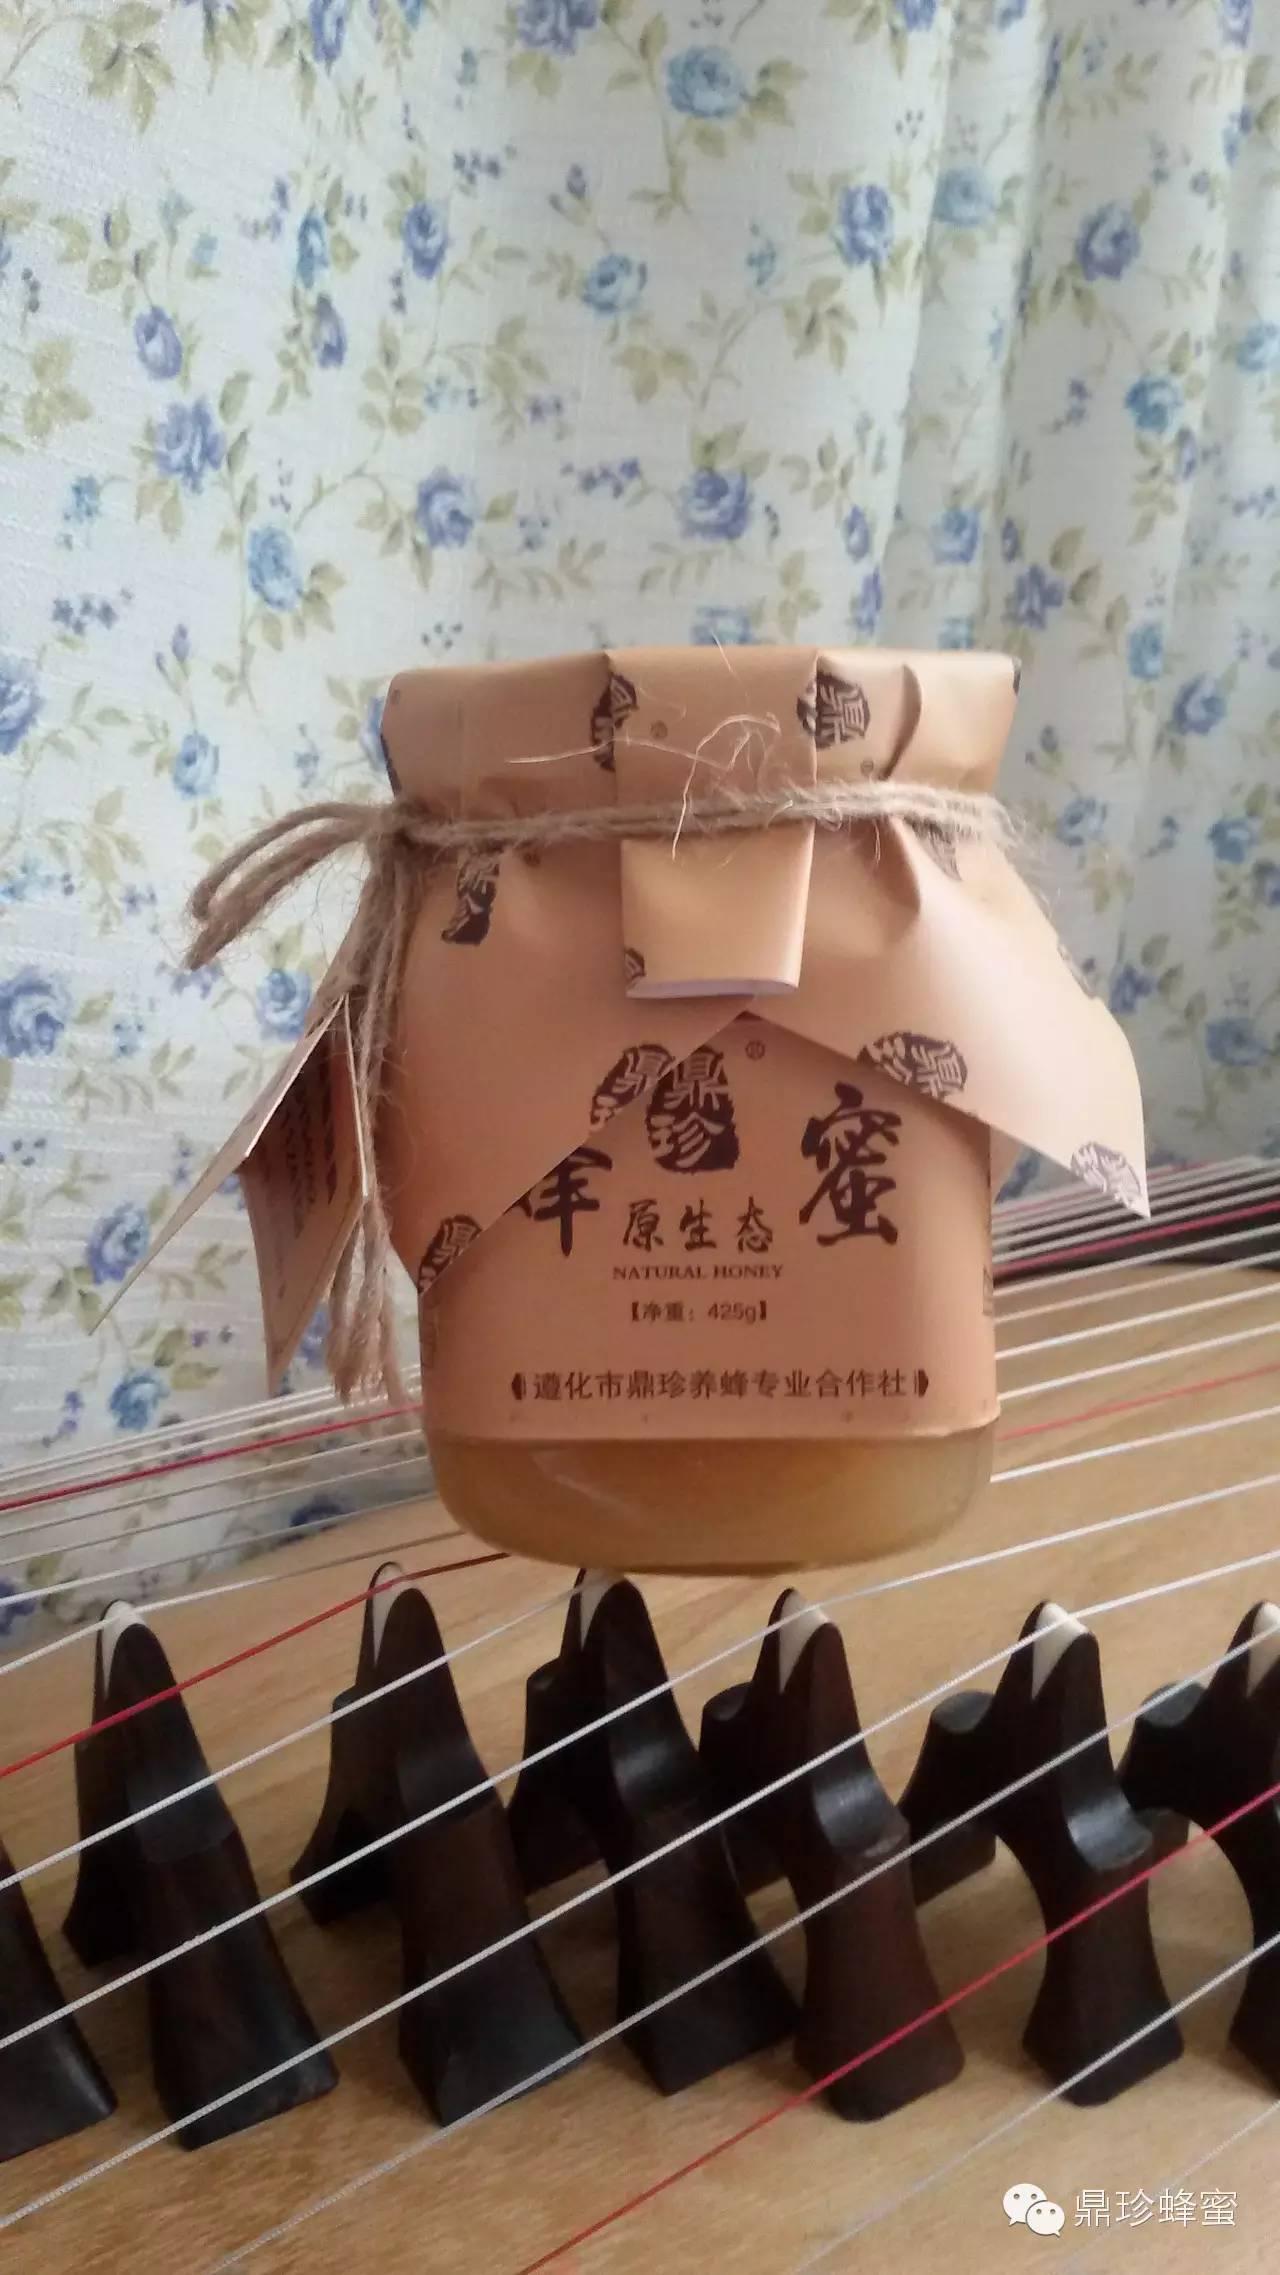 土蜂蜜结晶 蜂蜜加盟连锁 王国 蜂皇浆的作用与功效 孕妇 蜂蜜